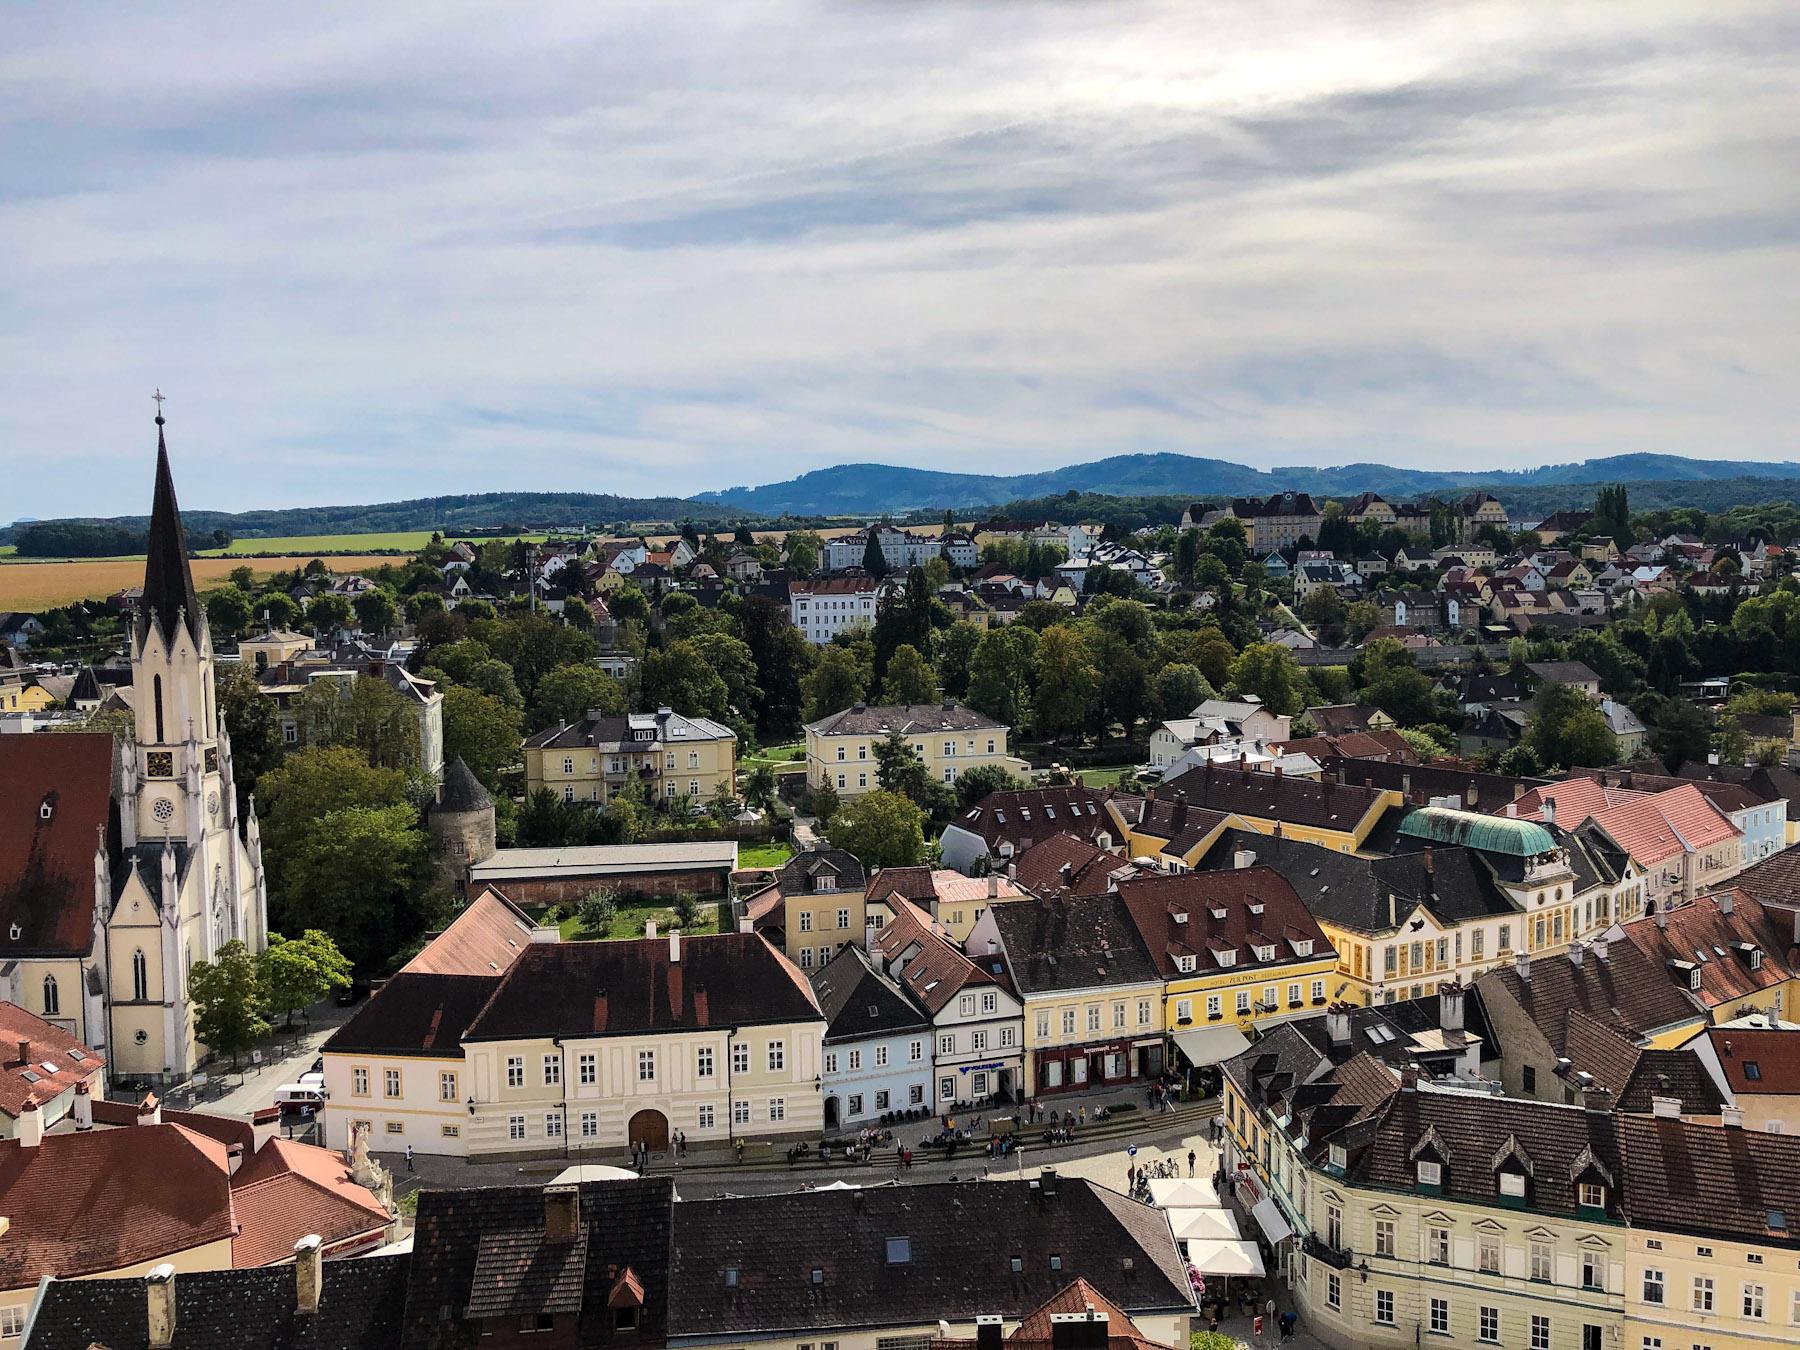 Hauptplatz in the Town of Melk, Wachau Valley, Austria